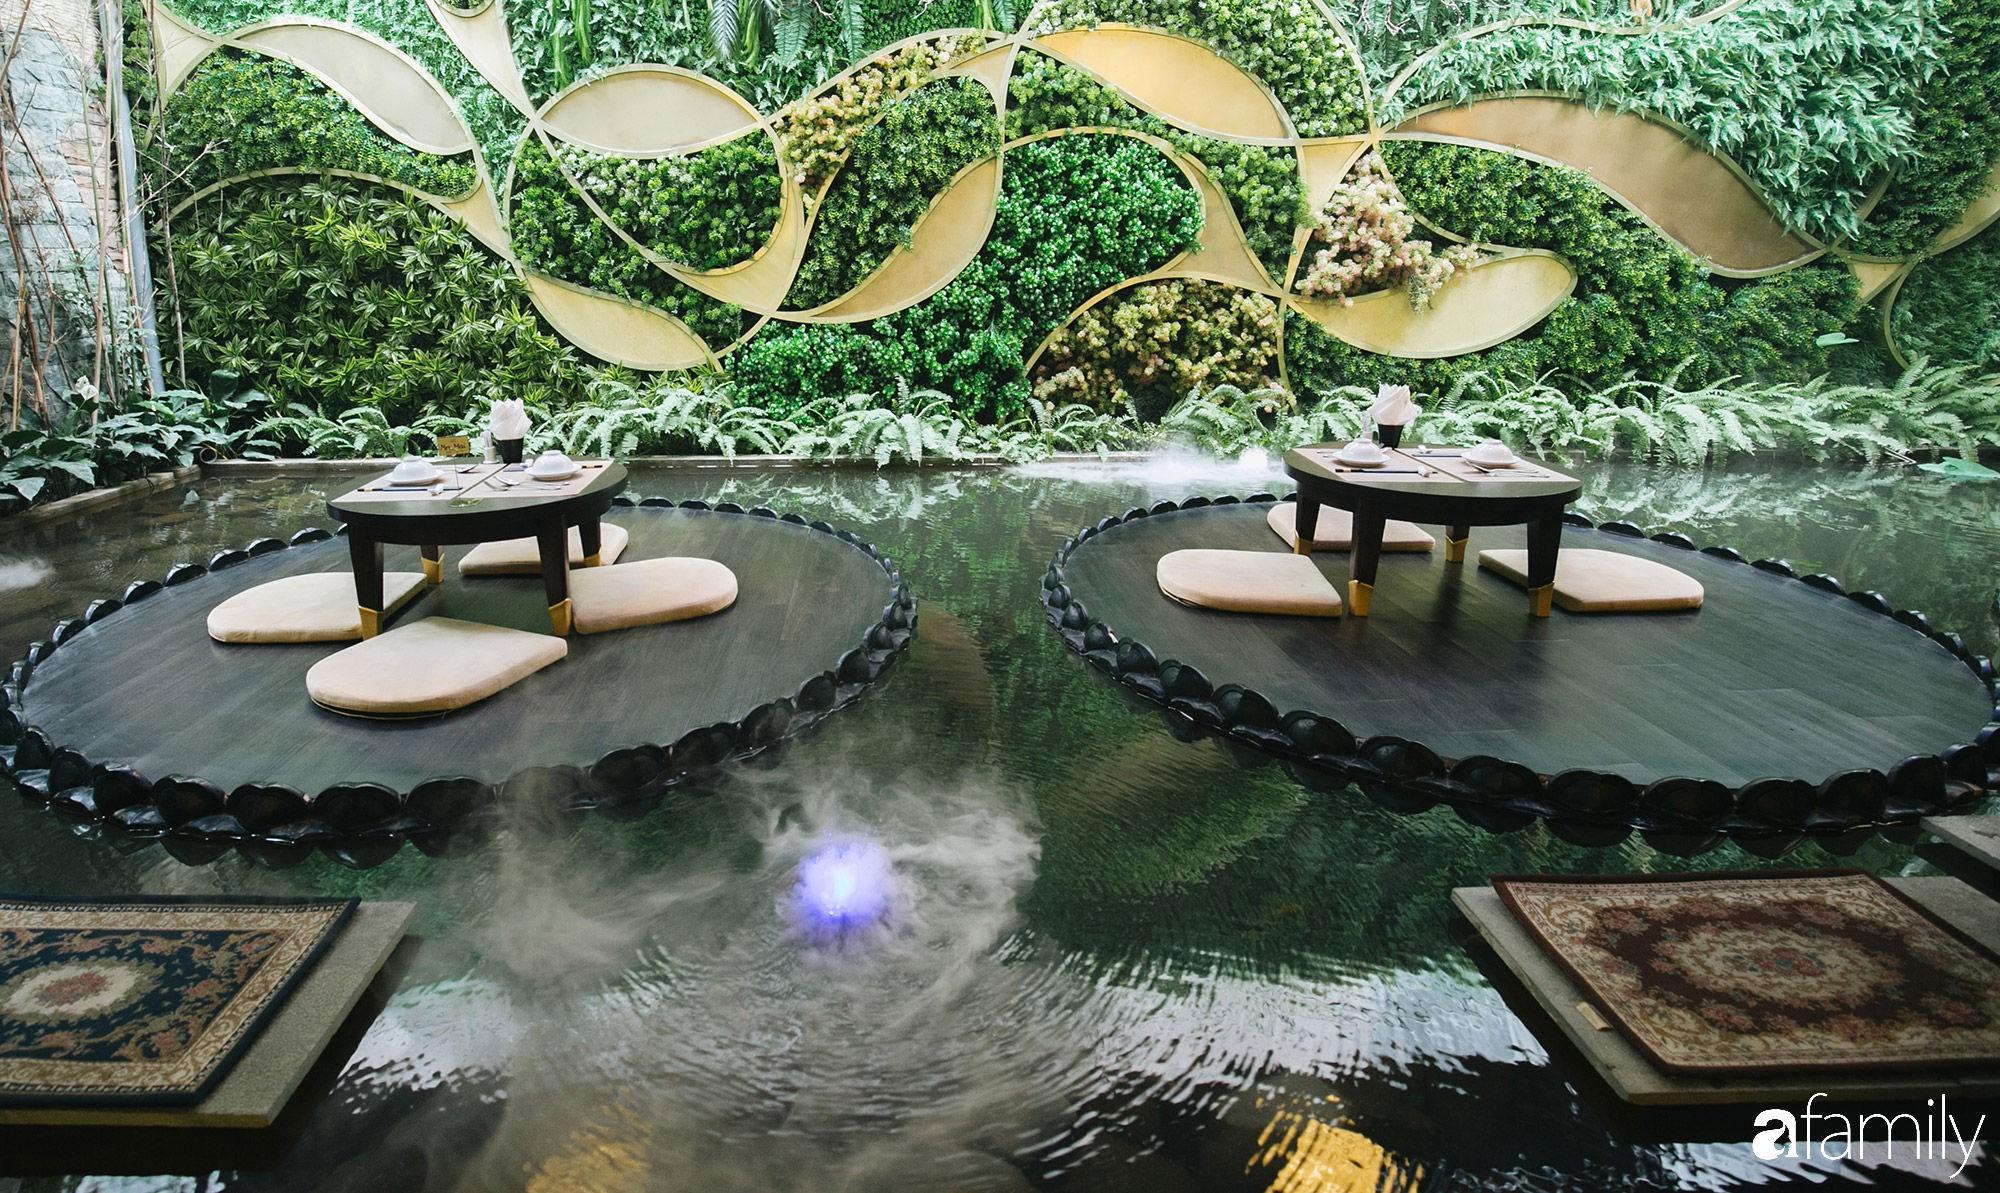 6 nhà hàng chay xinh đẹp và an nhiên nhất định phải đến trong mùa Vu Lan tại Hà Nội và Sài Gòn - Ảnh 8.